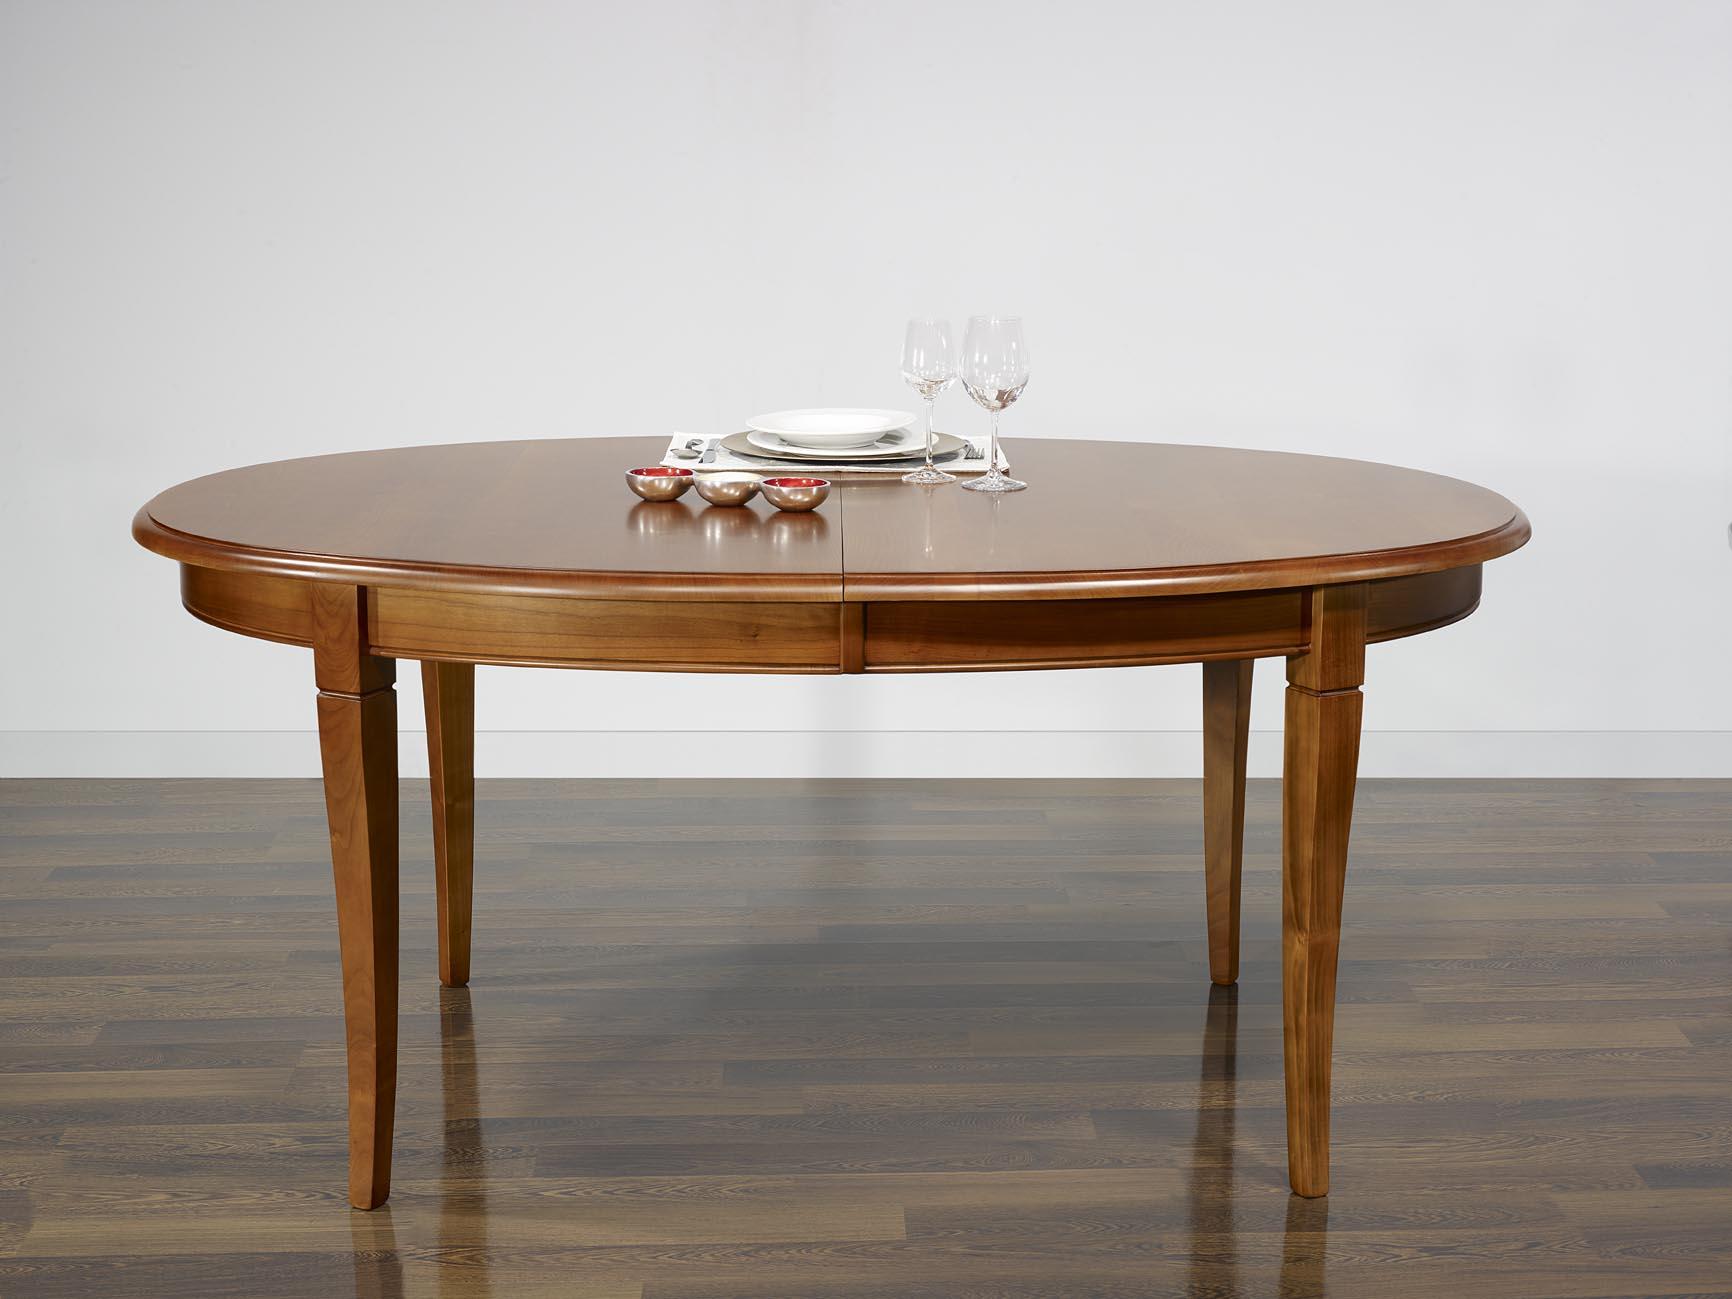 Table ovale de salle manger estelle en merisier massif for Table ovale en bois massif